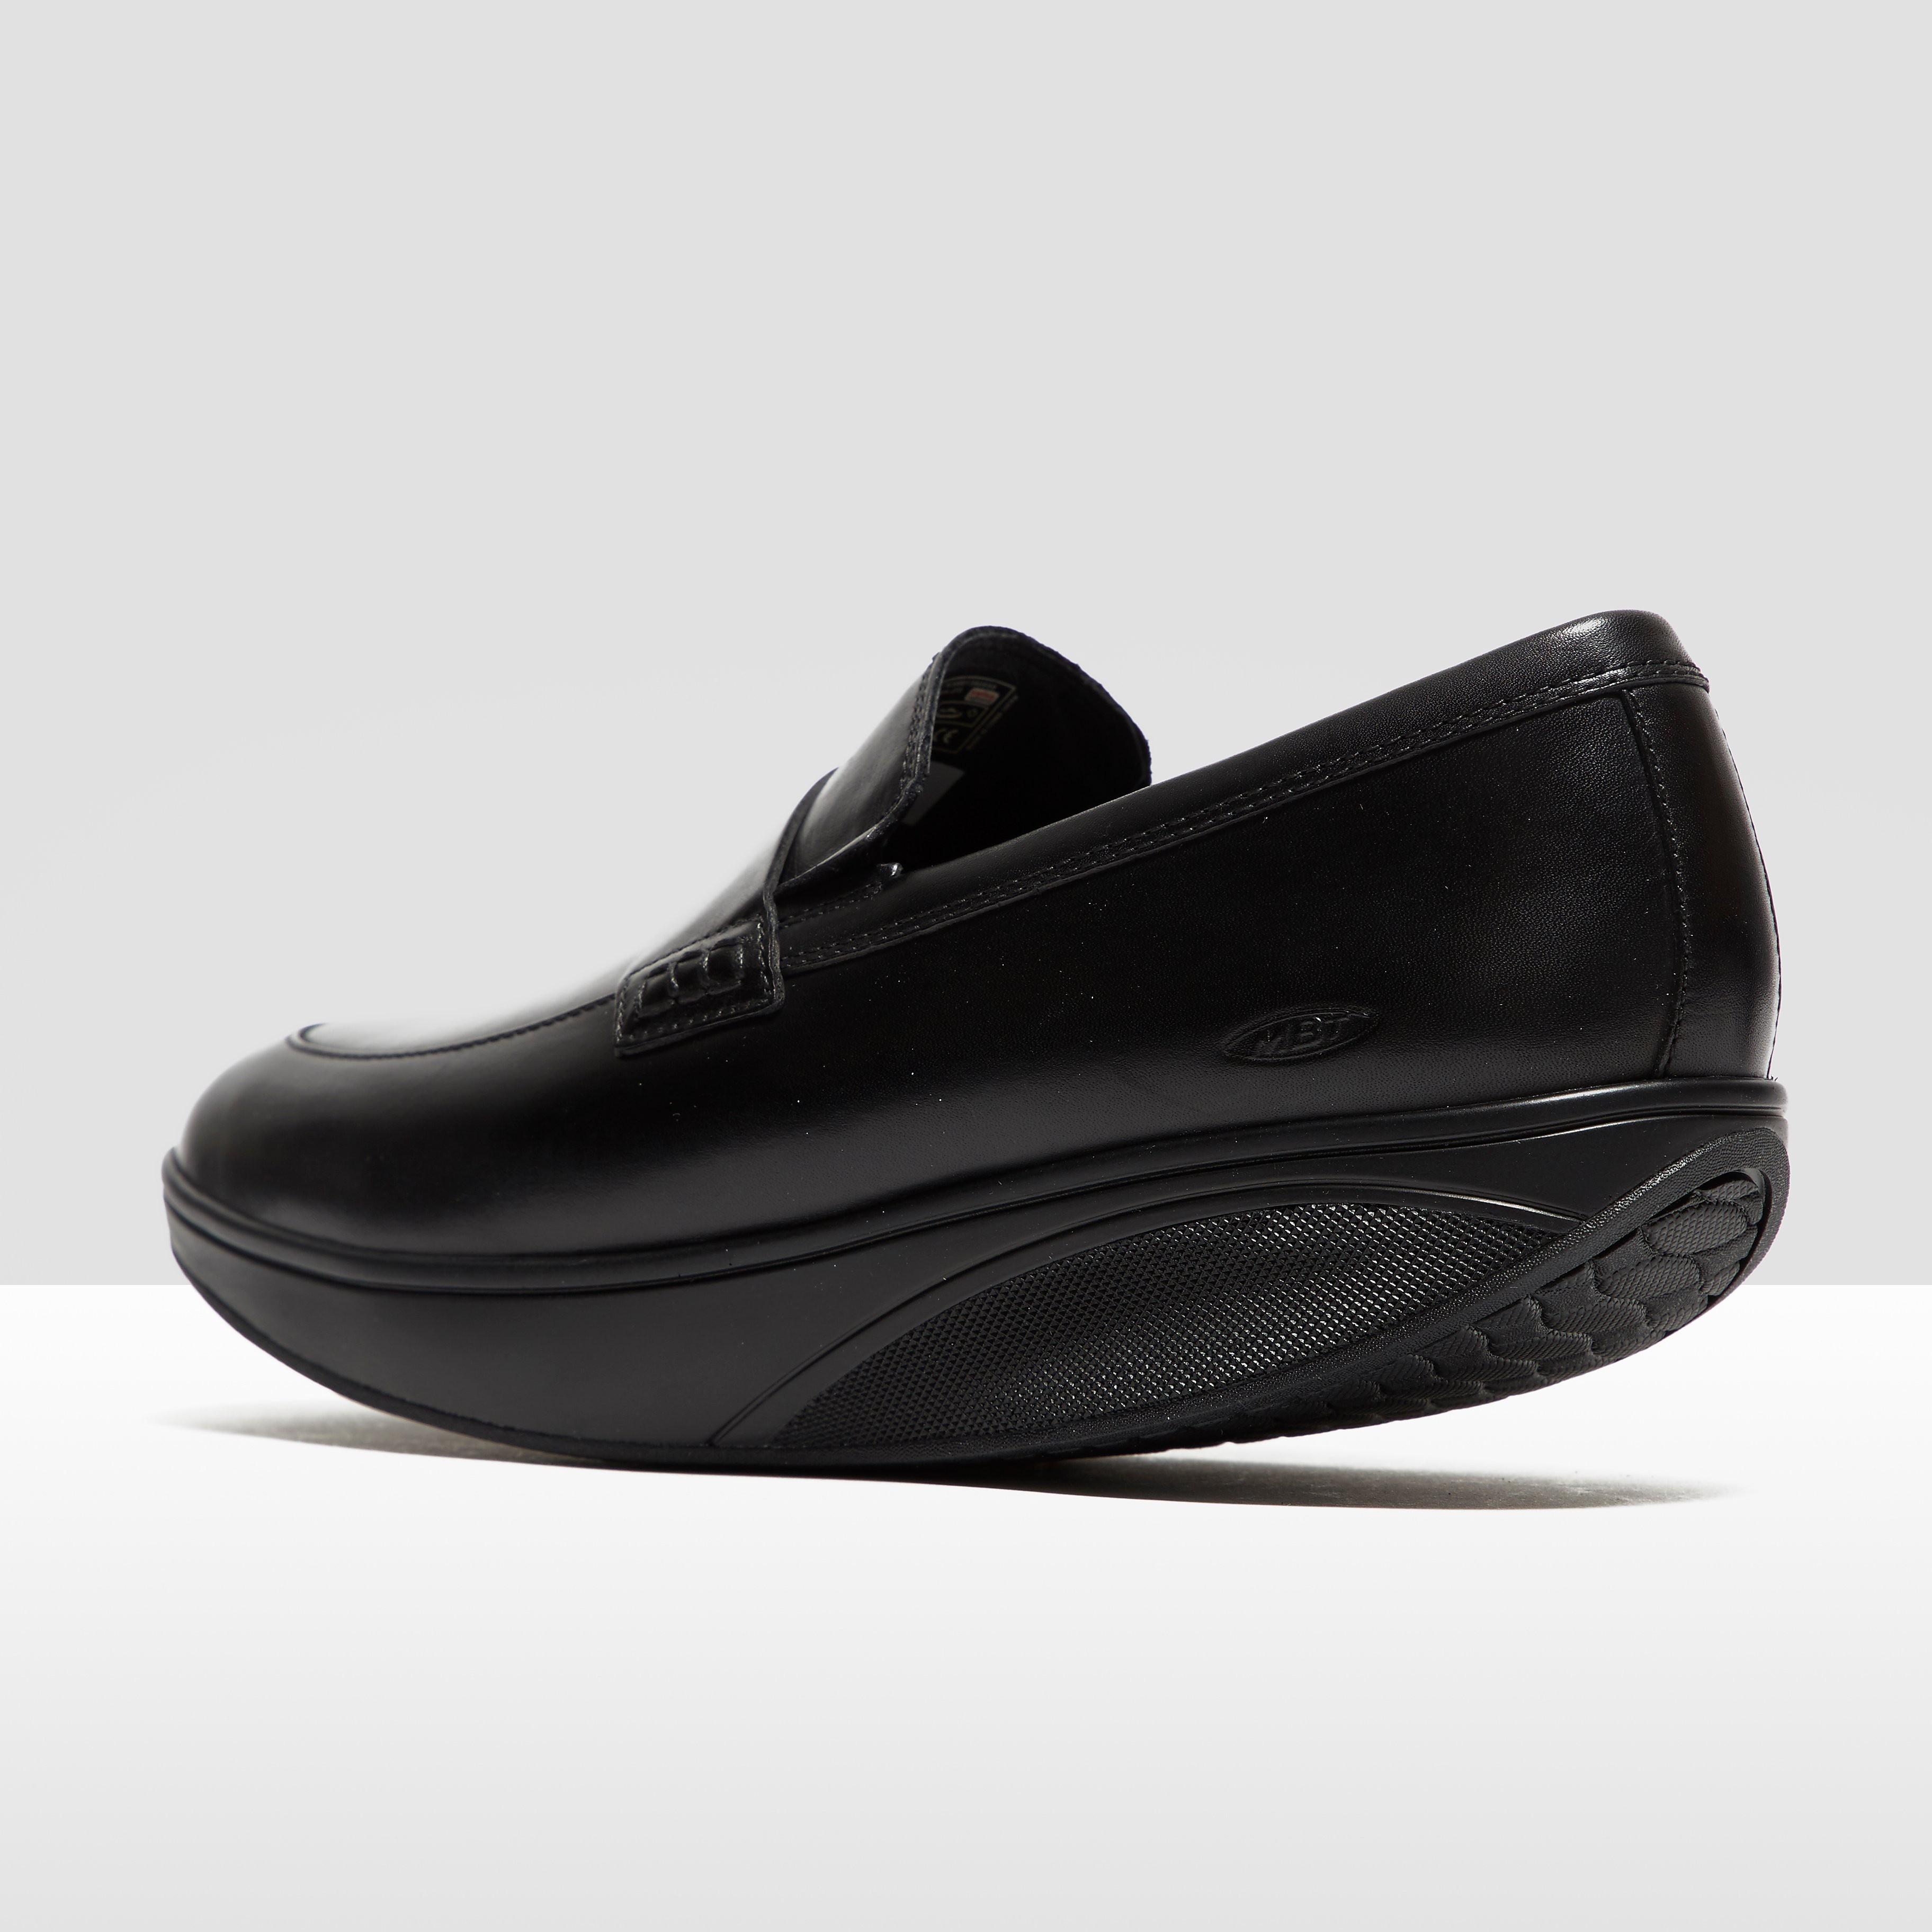 MBT Asante 6 Men's Shoes